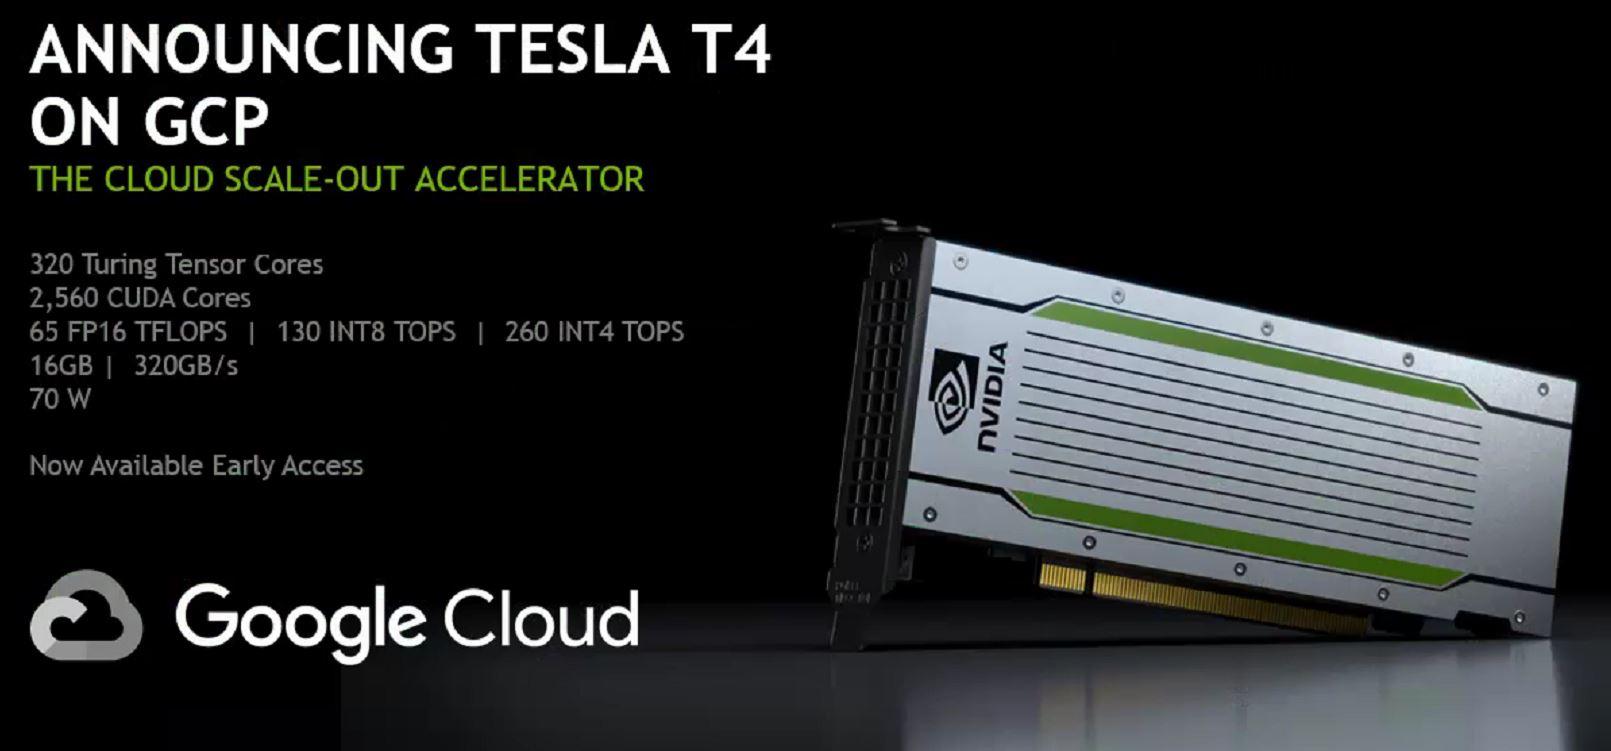 NVIDIA Tesla T4 In GCP